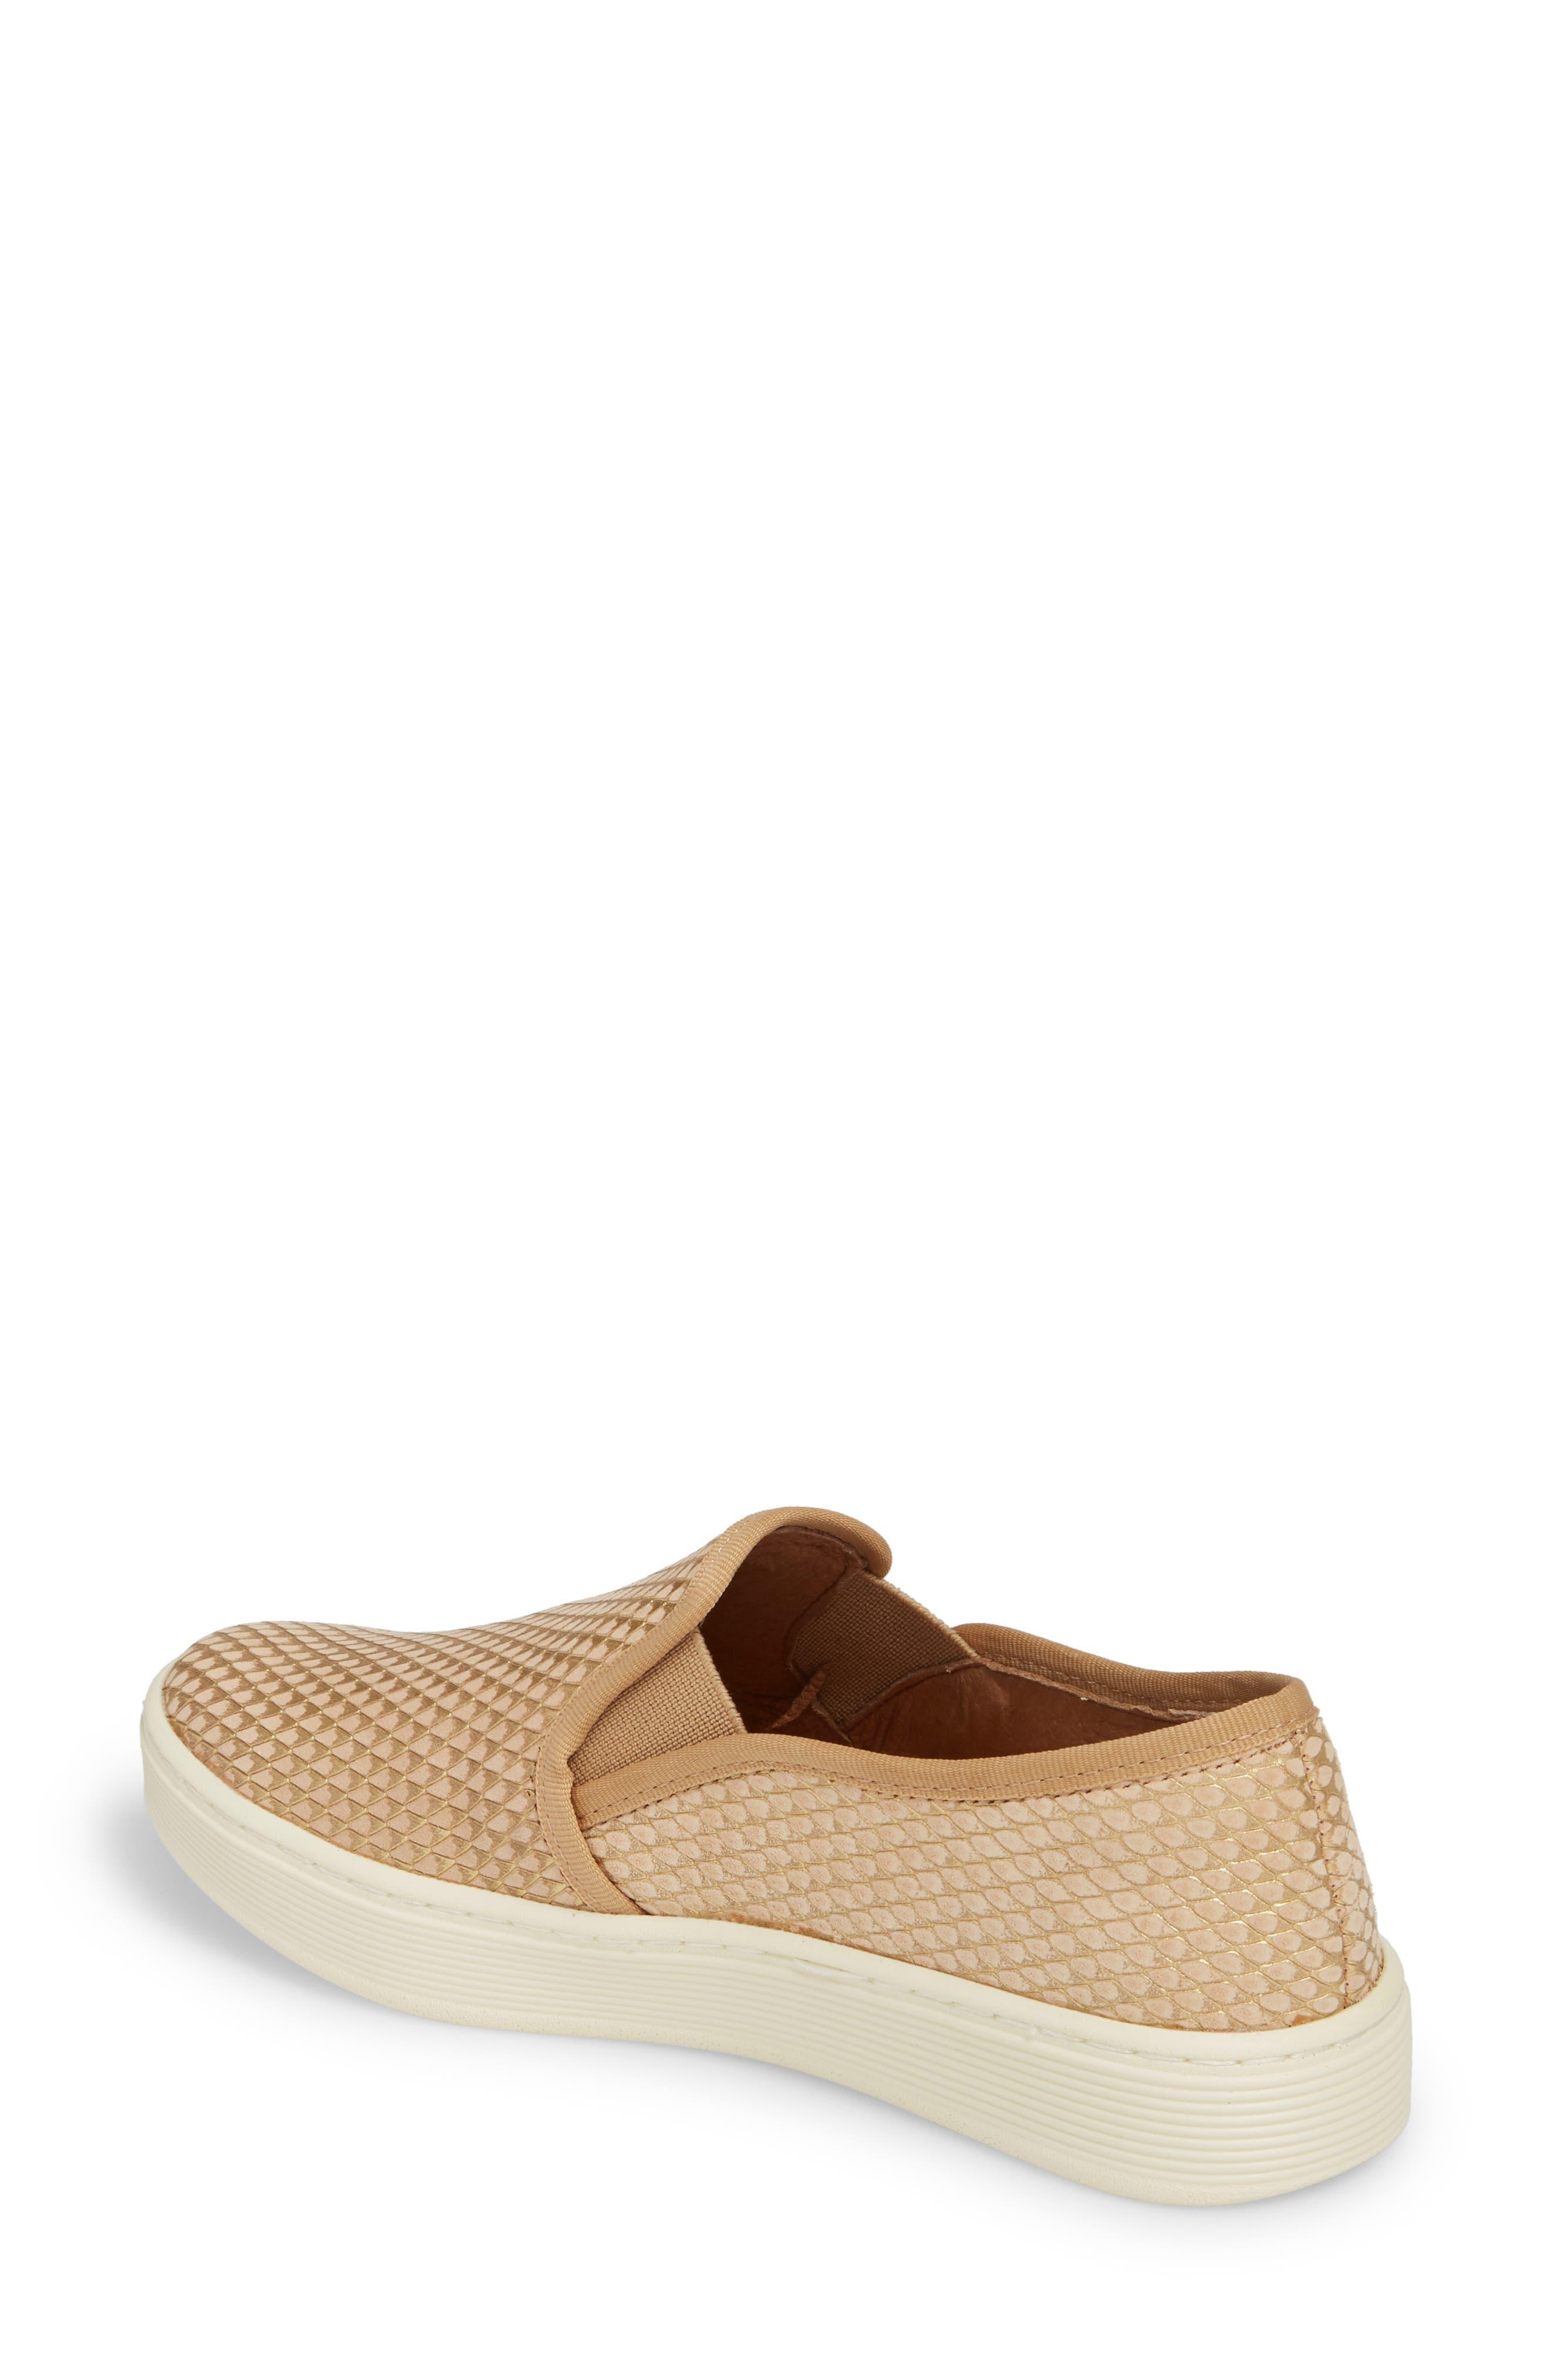 'Somers' Slip-On Sneaker,                             Alternate thumbnail 2, color,                             Sand Nubuck